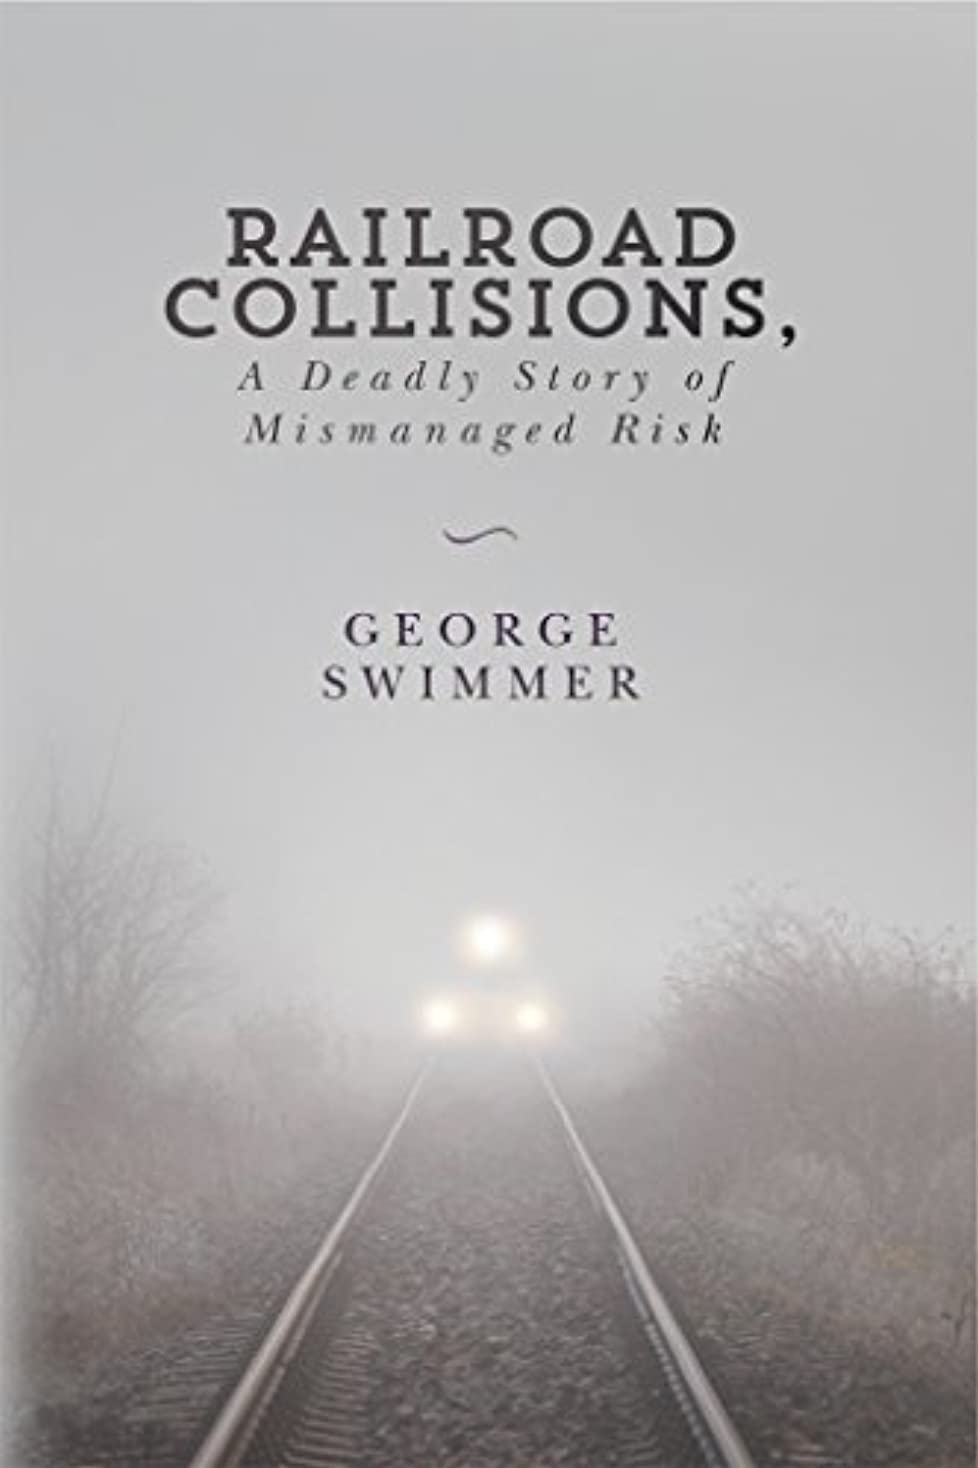 チャット行き当たりばったり動作Railroad Collisions, A Deadly Story of Mismanaged Risk (English Edition)